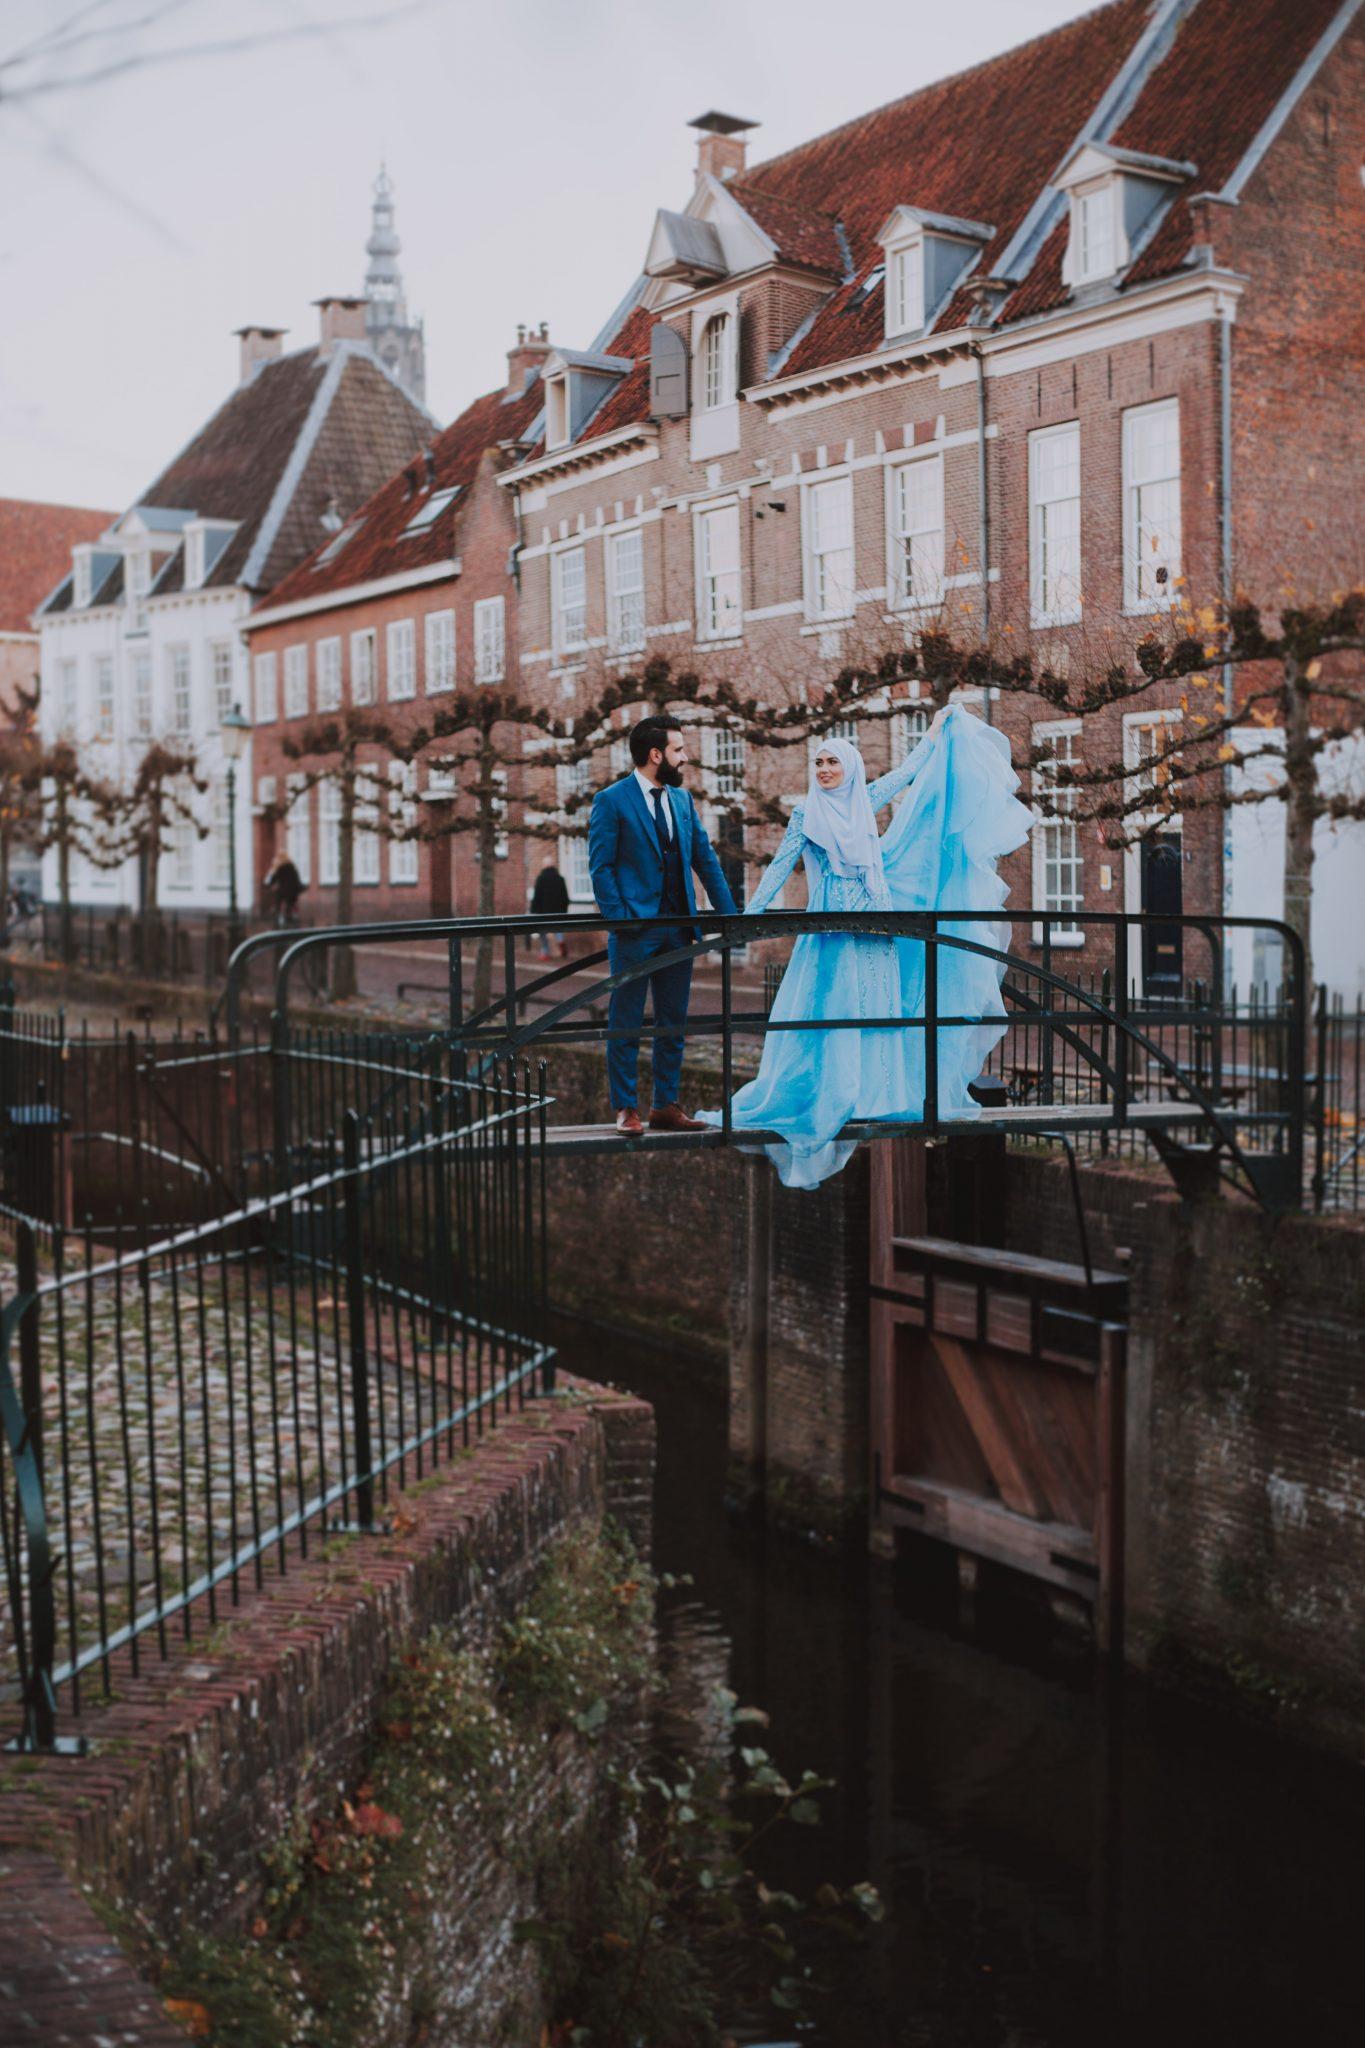 Fotograaf neemt stel mee door de binnenstad van Amersfoort tijdens de fotoshoot